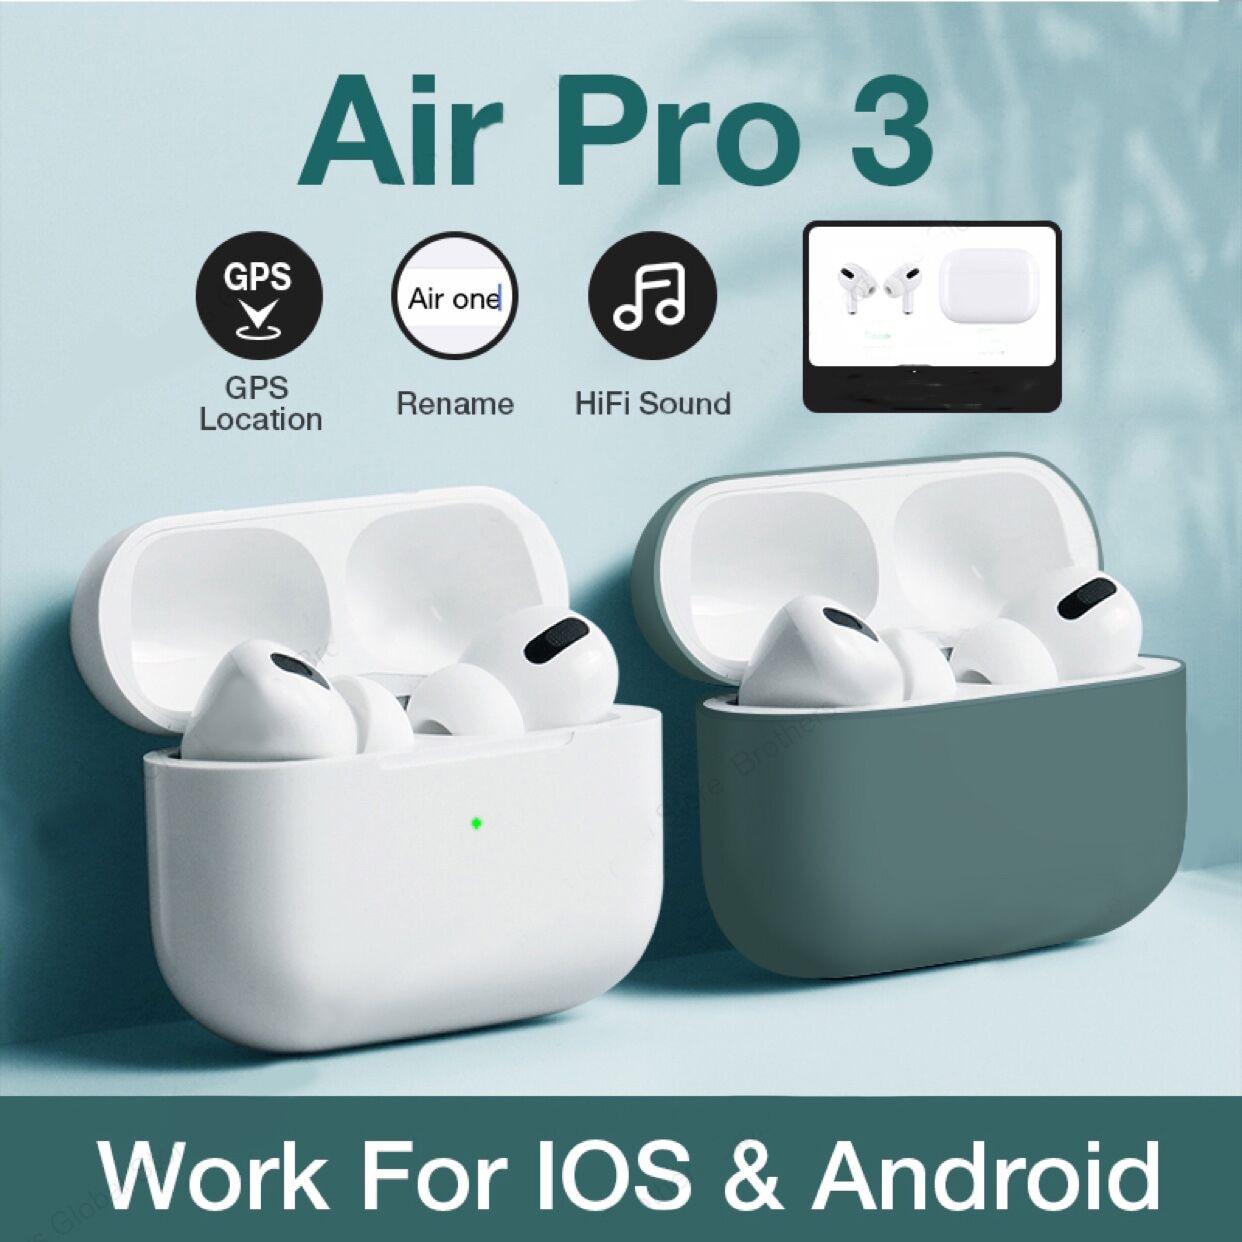 Беспроводные Bluetooth-наушники pro 3, Hi-Fi музыкальные наушники-вкладыши, Спортивная игровая гарнитура для телефонов IOS, Android